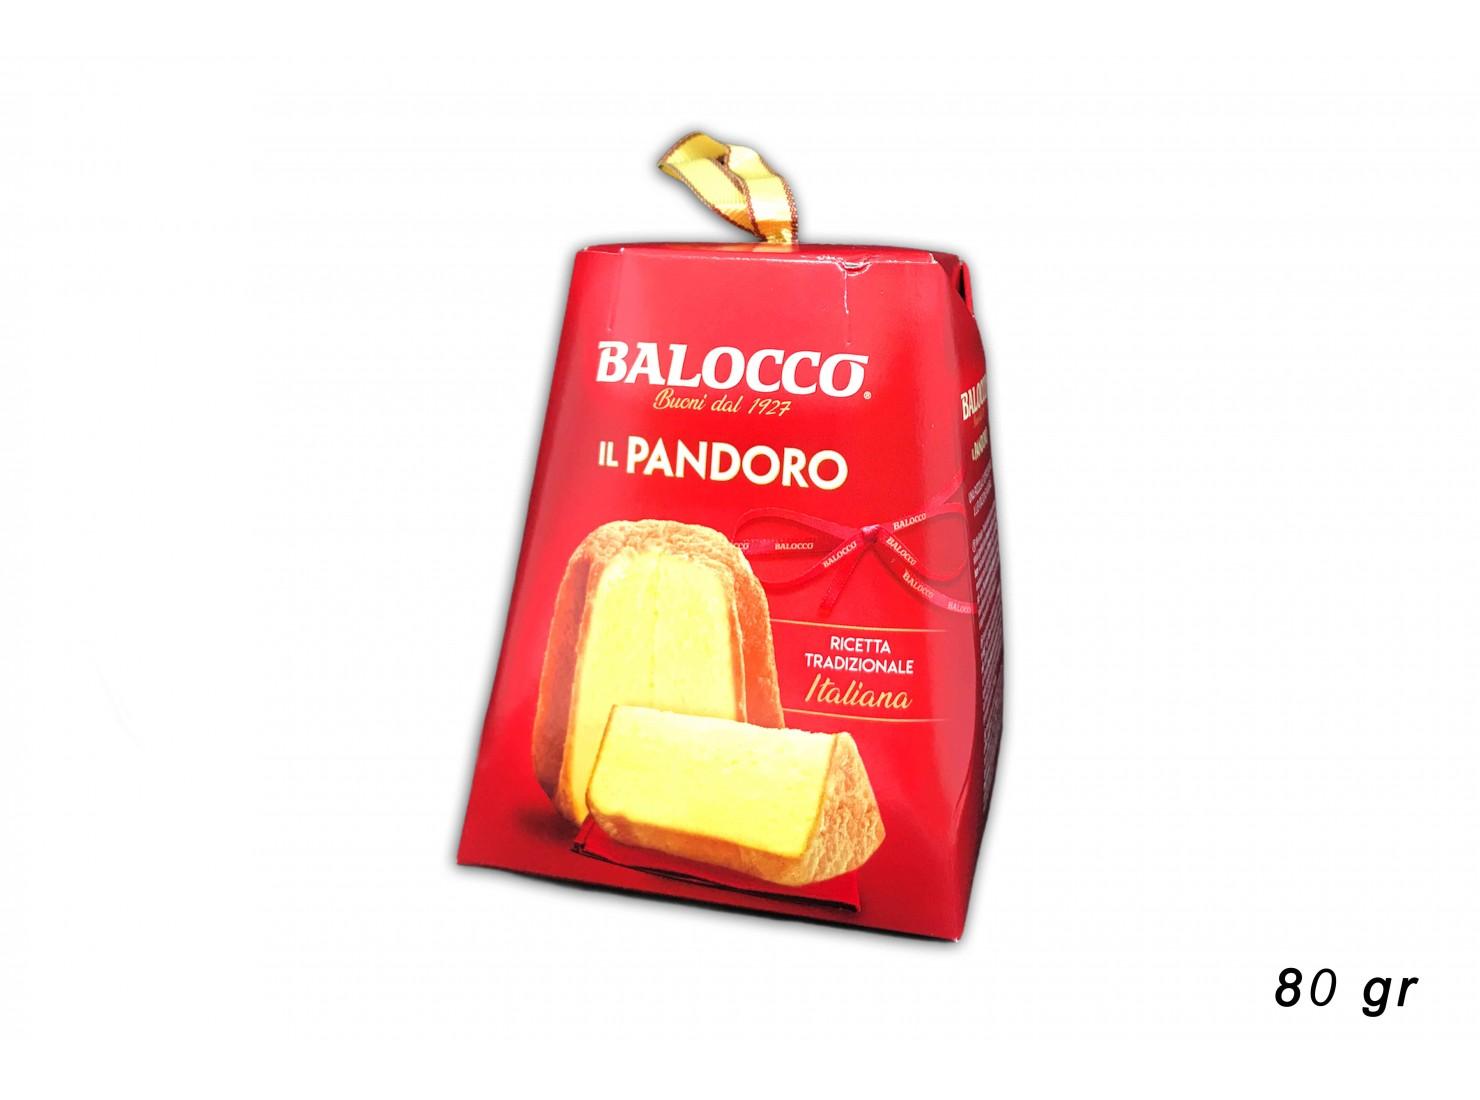 BALOCCO MINI PANDORO 80 GR